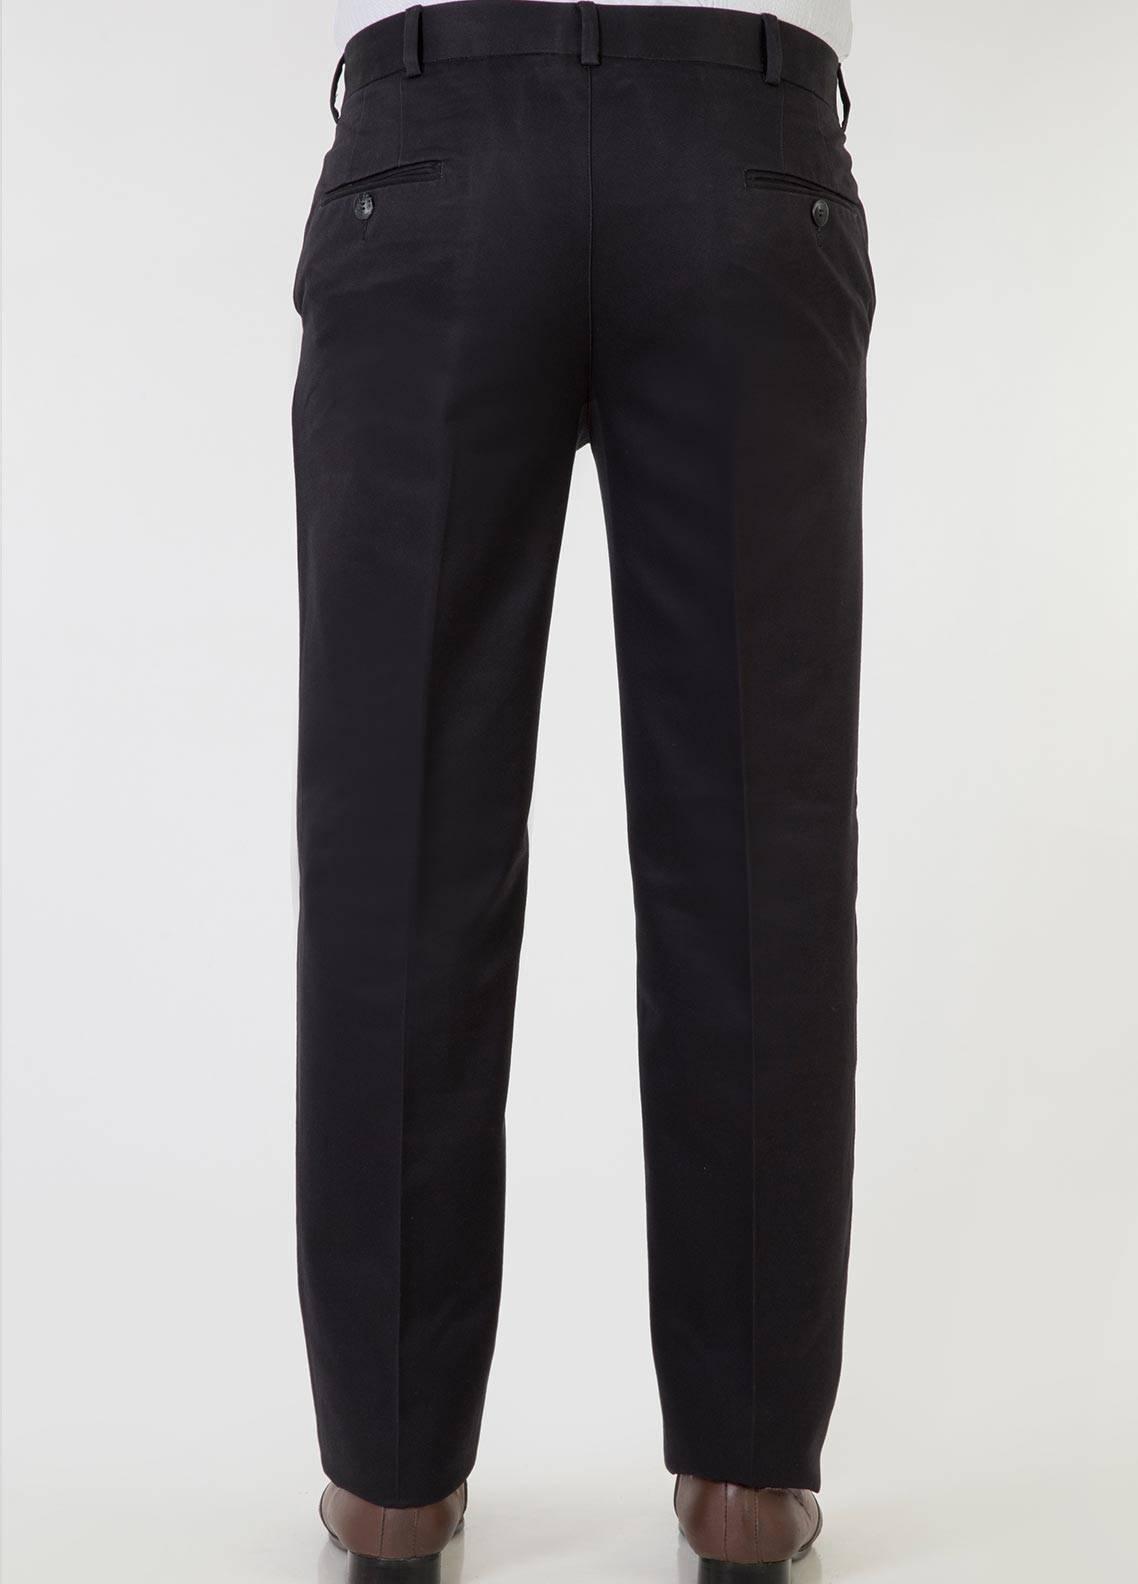 Bien Habille Cotton No-Iron Men Trouser -  Comfort Fit Black